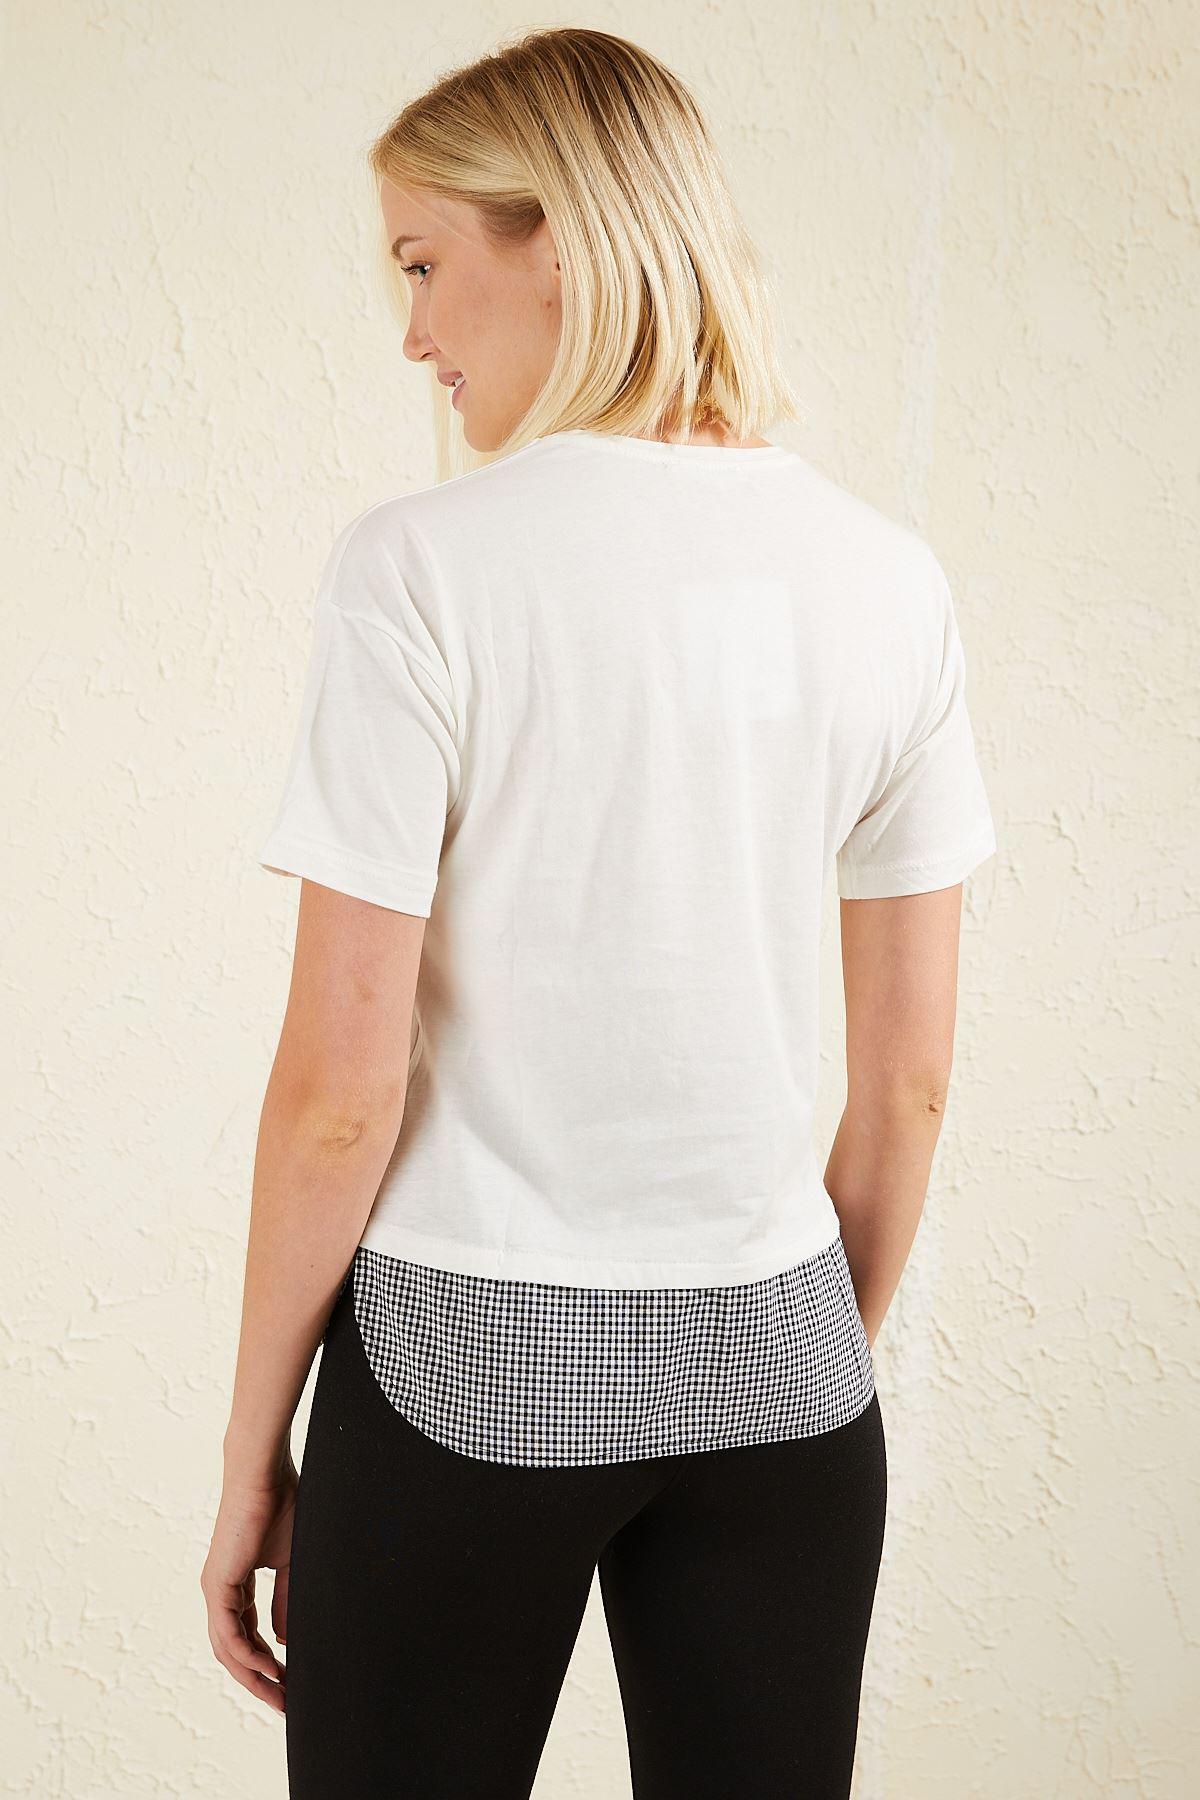 Dantel Detaylı Baskılı Kadın T-shirt